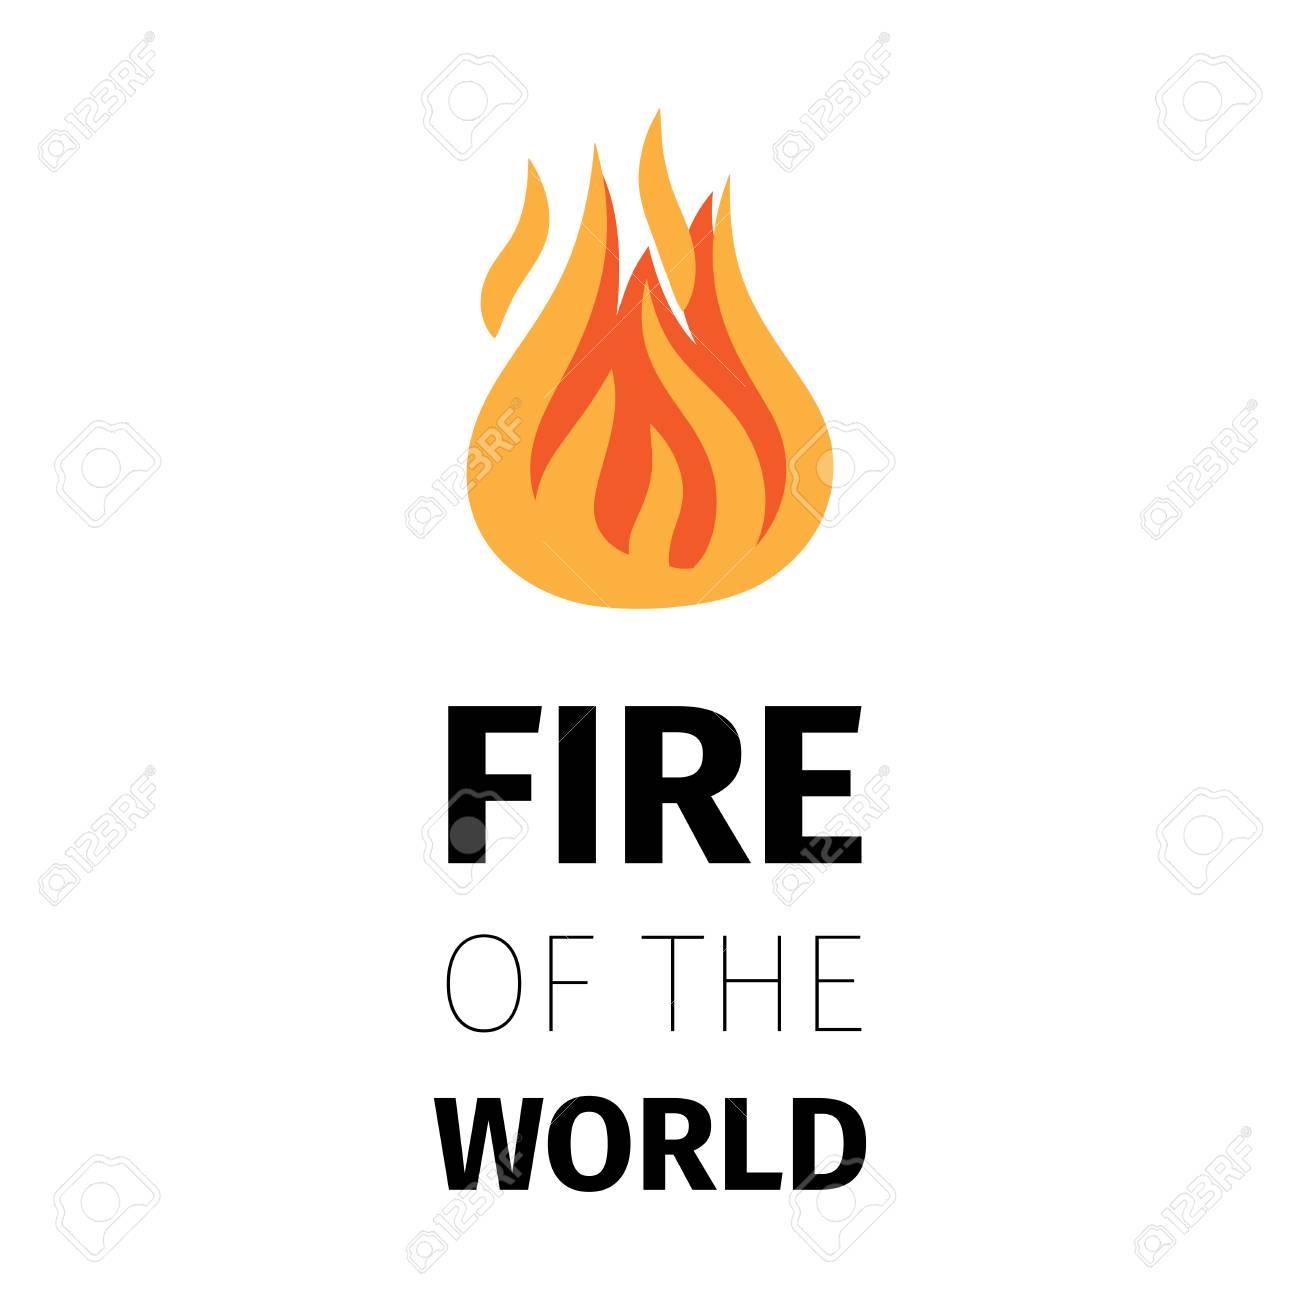 Icono De Fuego Plantilla De Cartel De Fuego Del Mundo Aislado Sobre ...